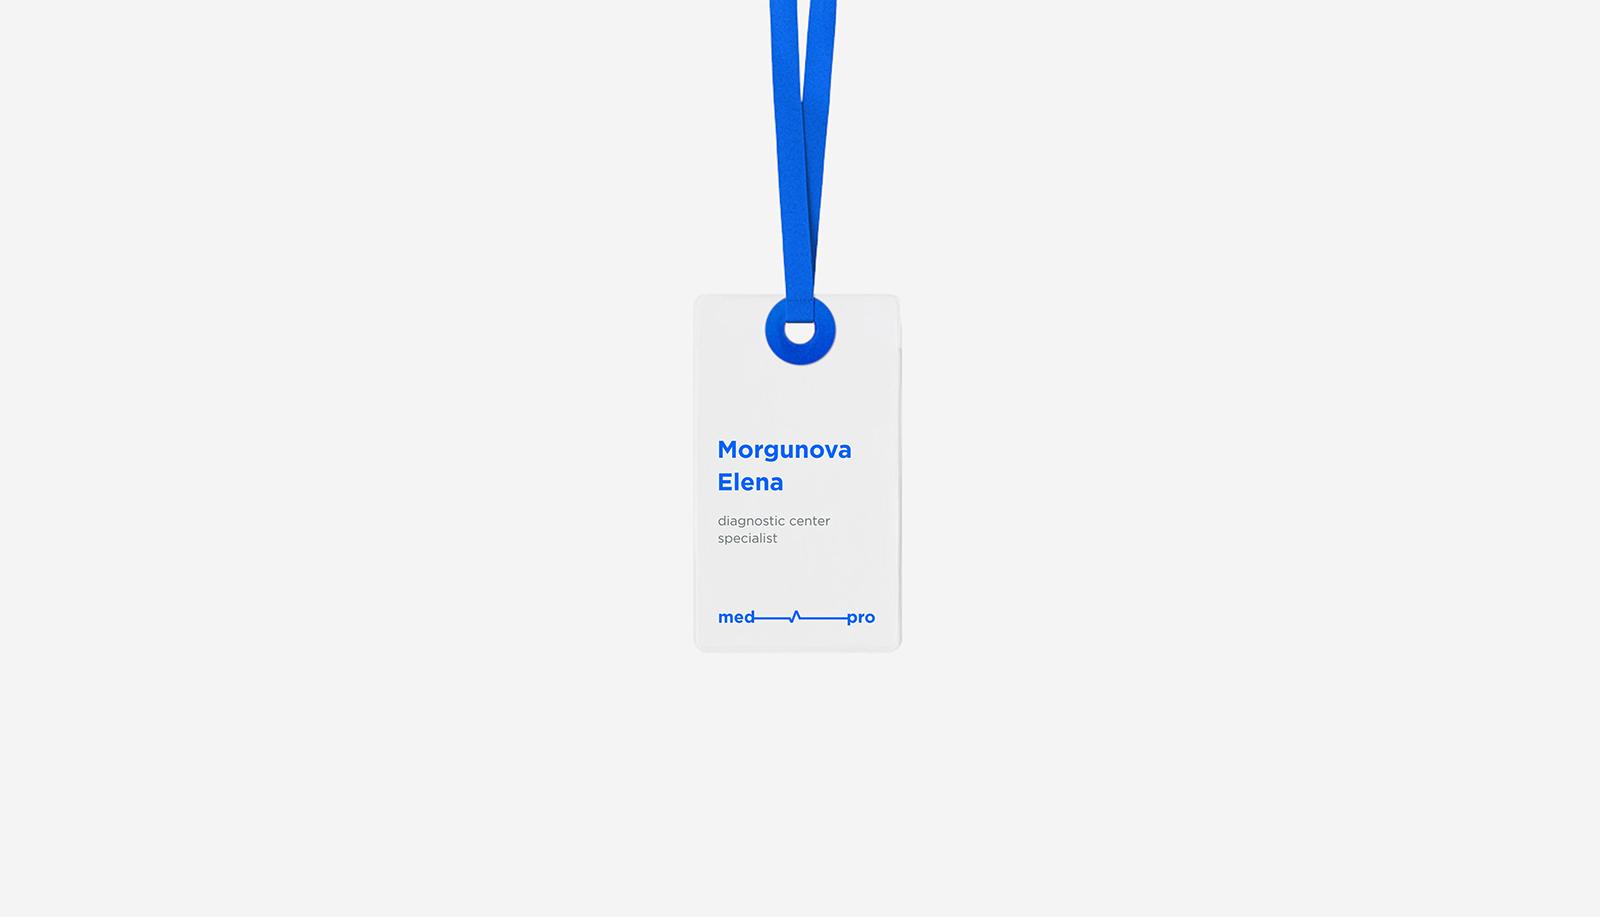 нейминг и дизайн логотипа, многопрофильная медицинская клиника Med-Pro